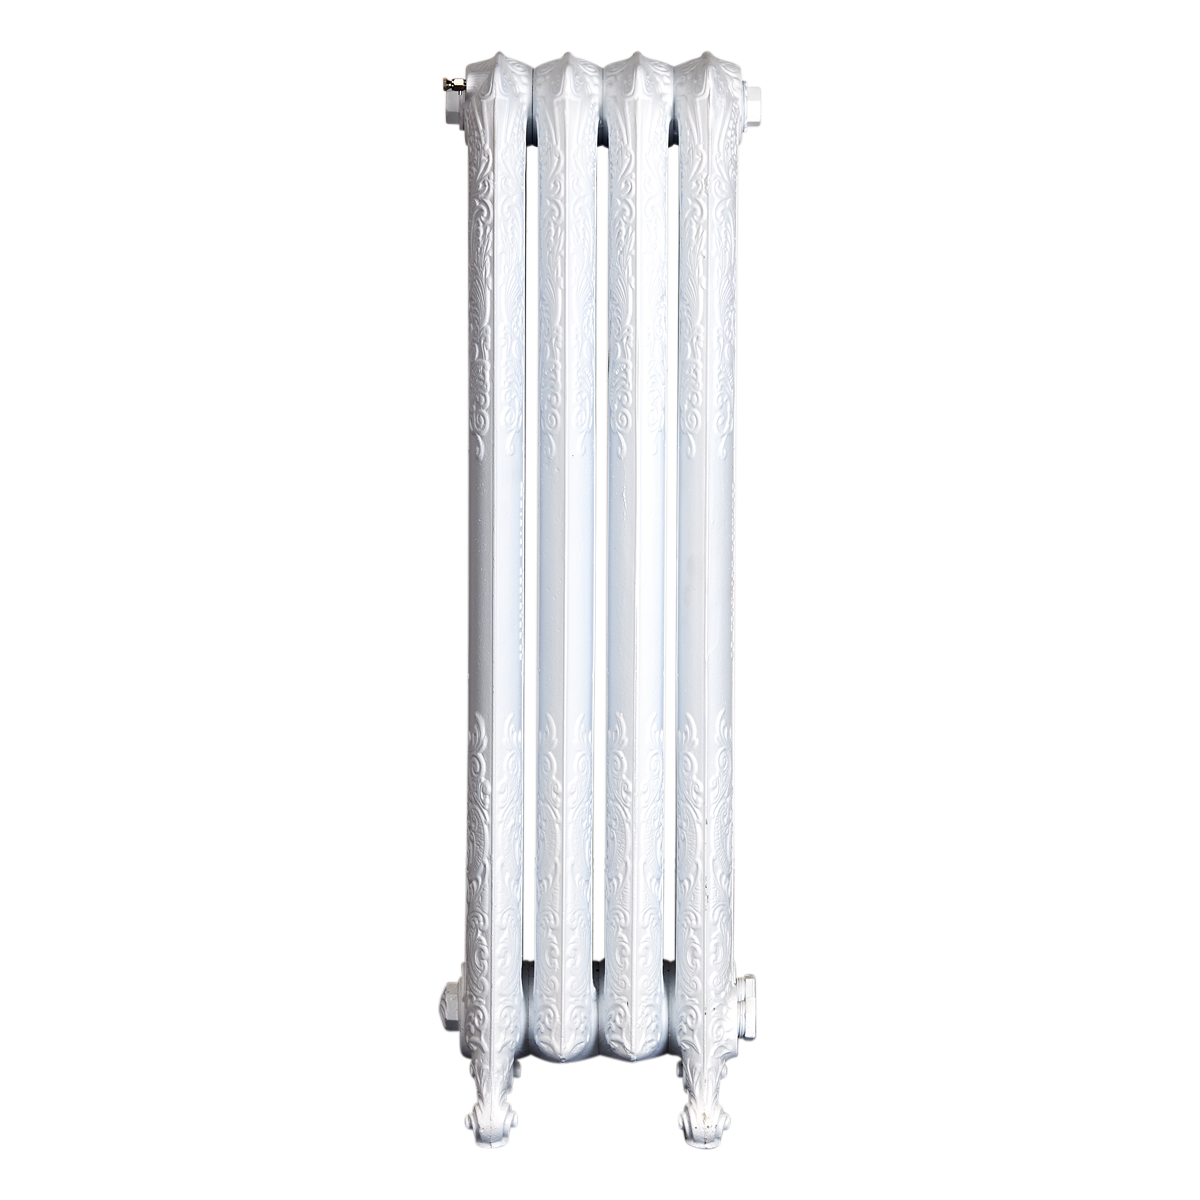 Ironworks Radiators Inc. refurbished cast iron radiator Lamberton in Semi Gloss White